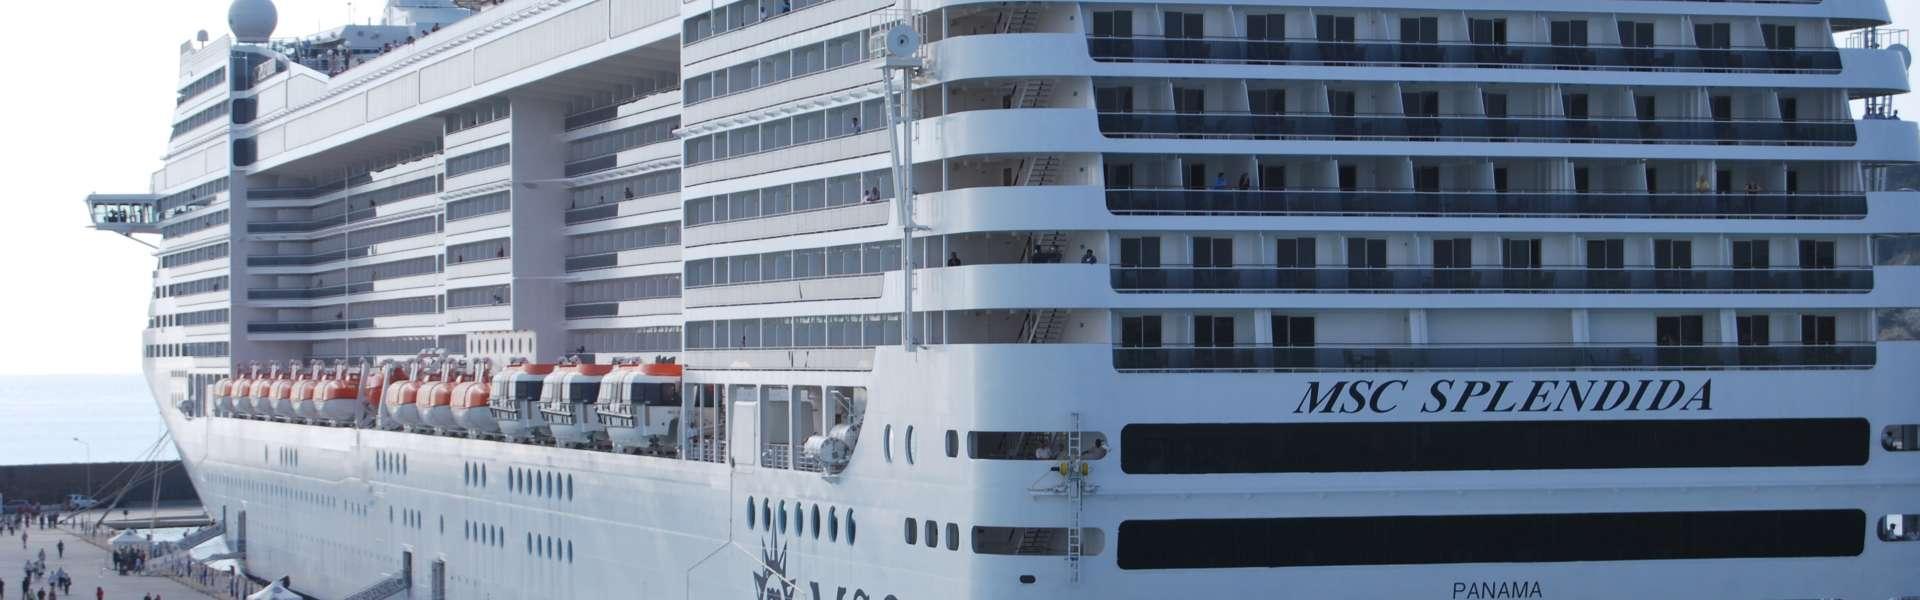 Croaziera 2018 - Emiratele Arabe Unite (Dubai) - MSC Cruises - MSC Splendida - 7 nopti